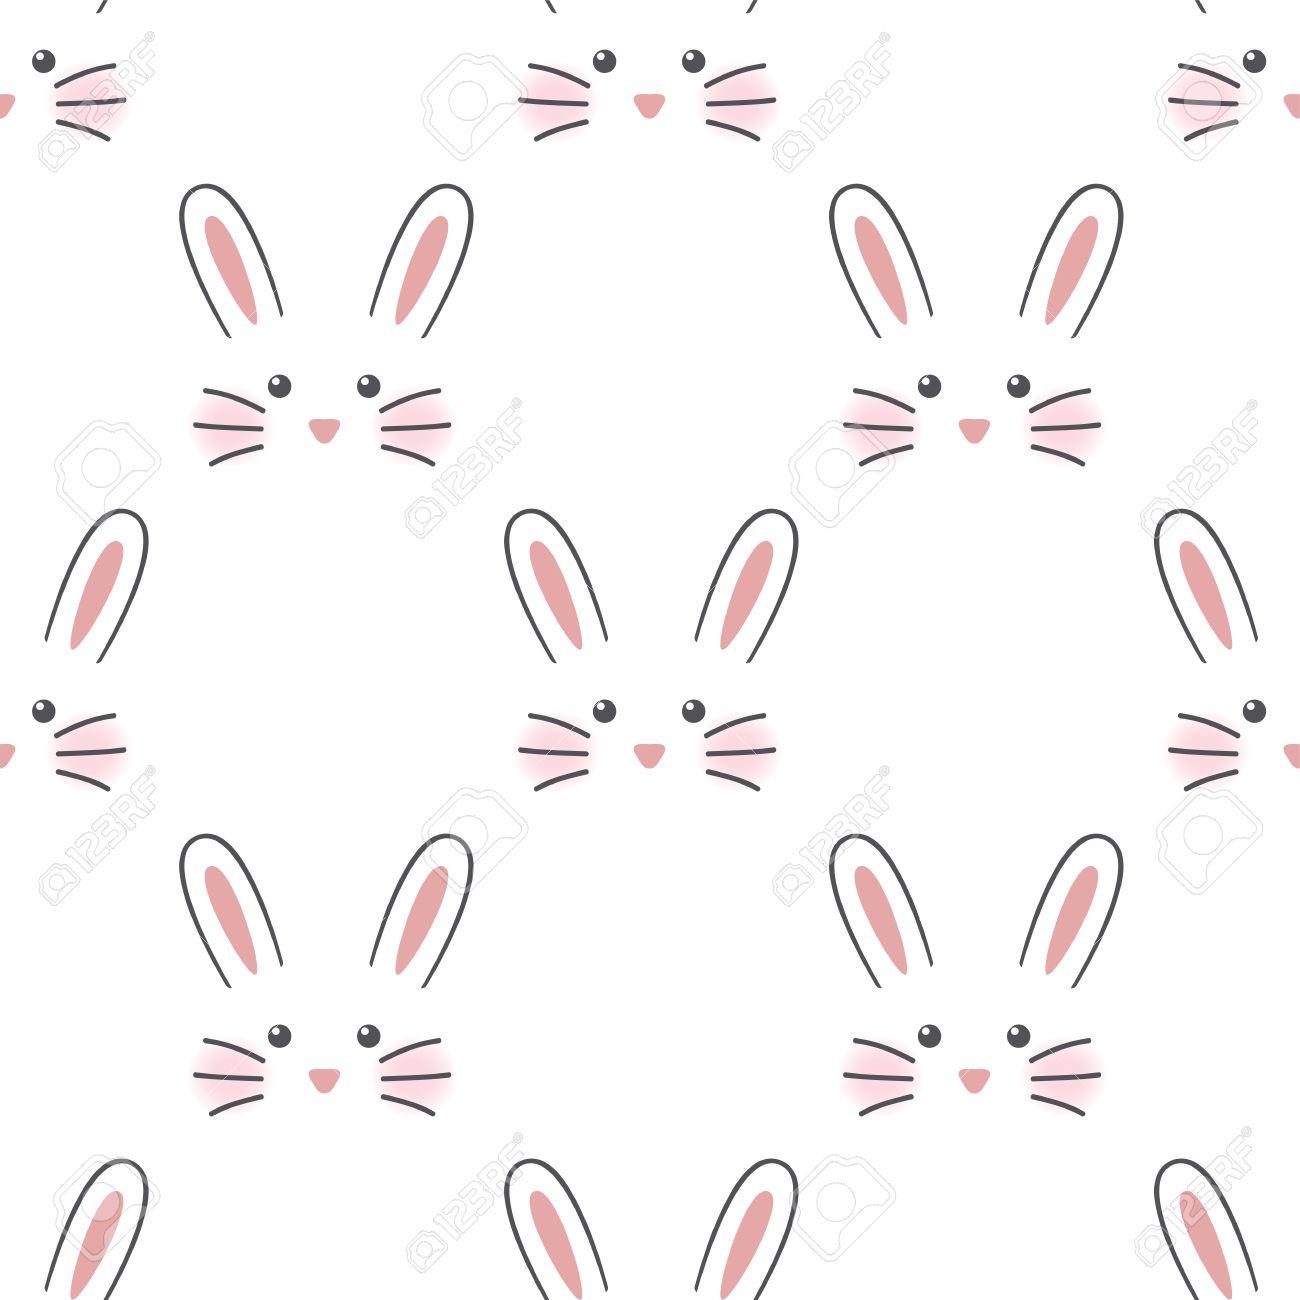 かわいいウサギの顔 シームレスな壁紙のイラスト素材 ベクタ Image